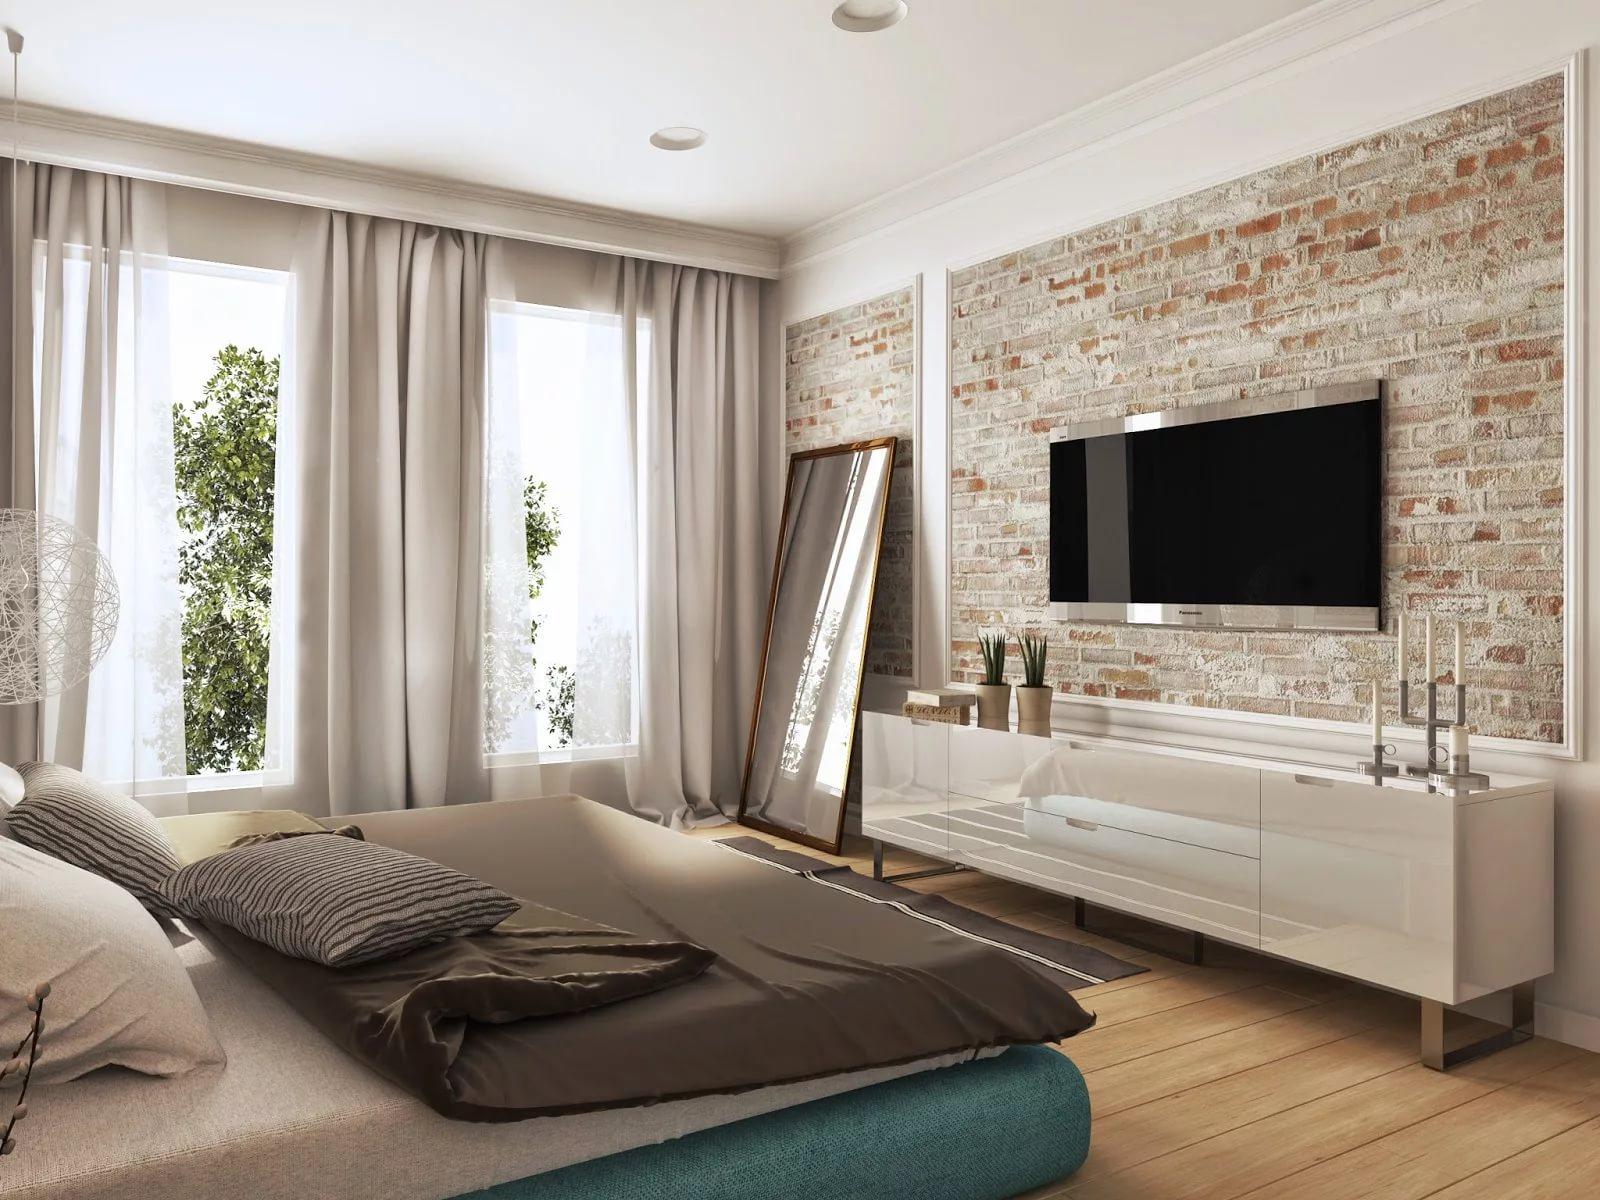 съемки дизайн комнаты с тремя окнами фото прекращается игра света